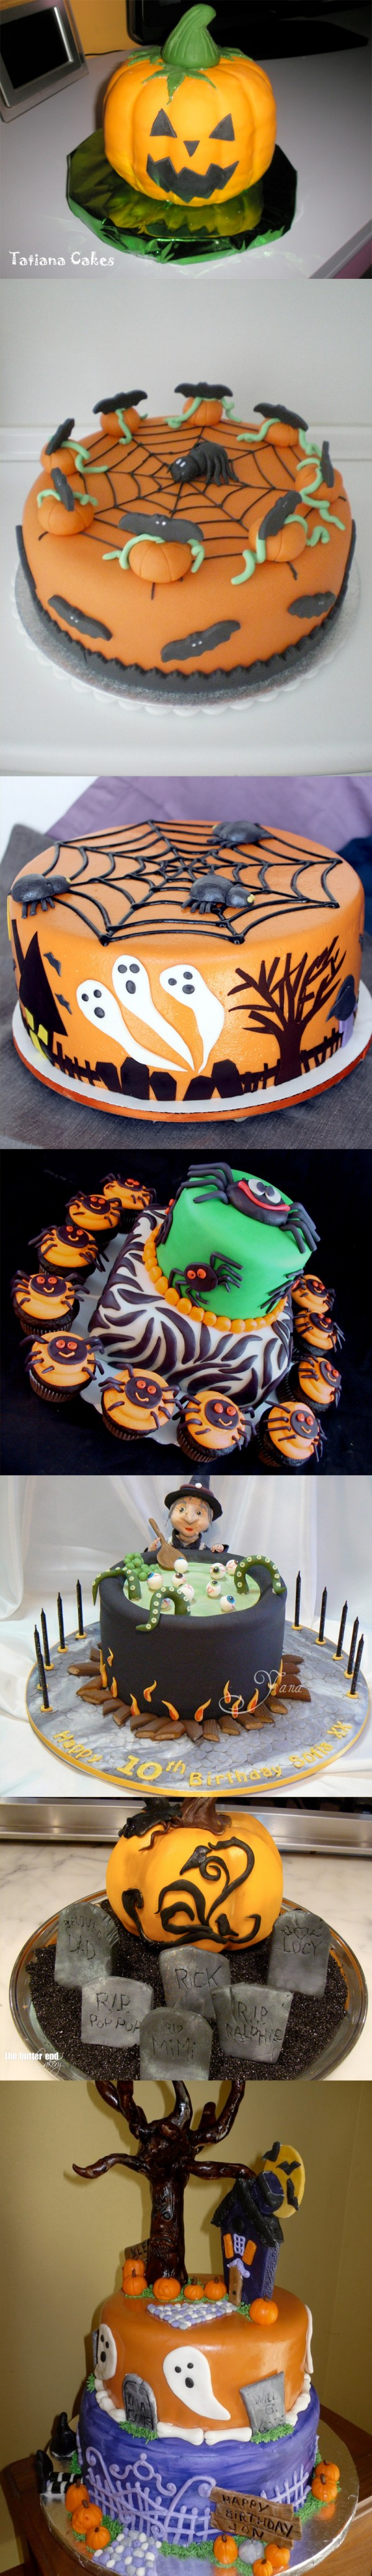 Tartas para Halloween